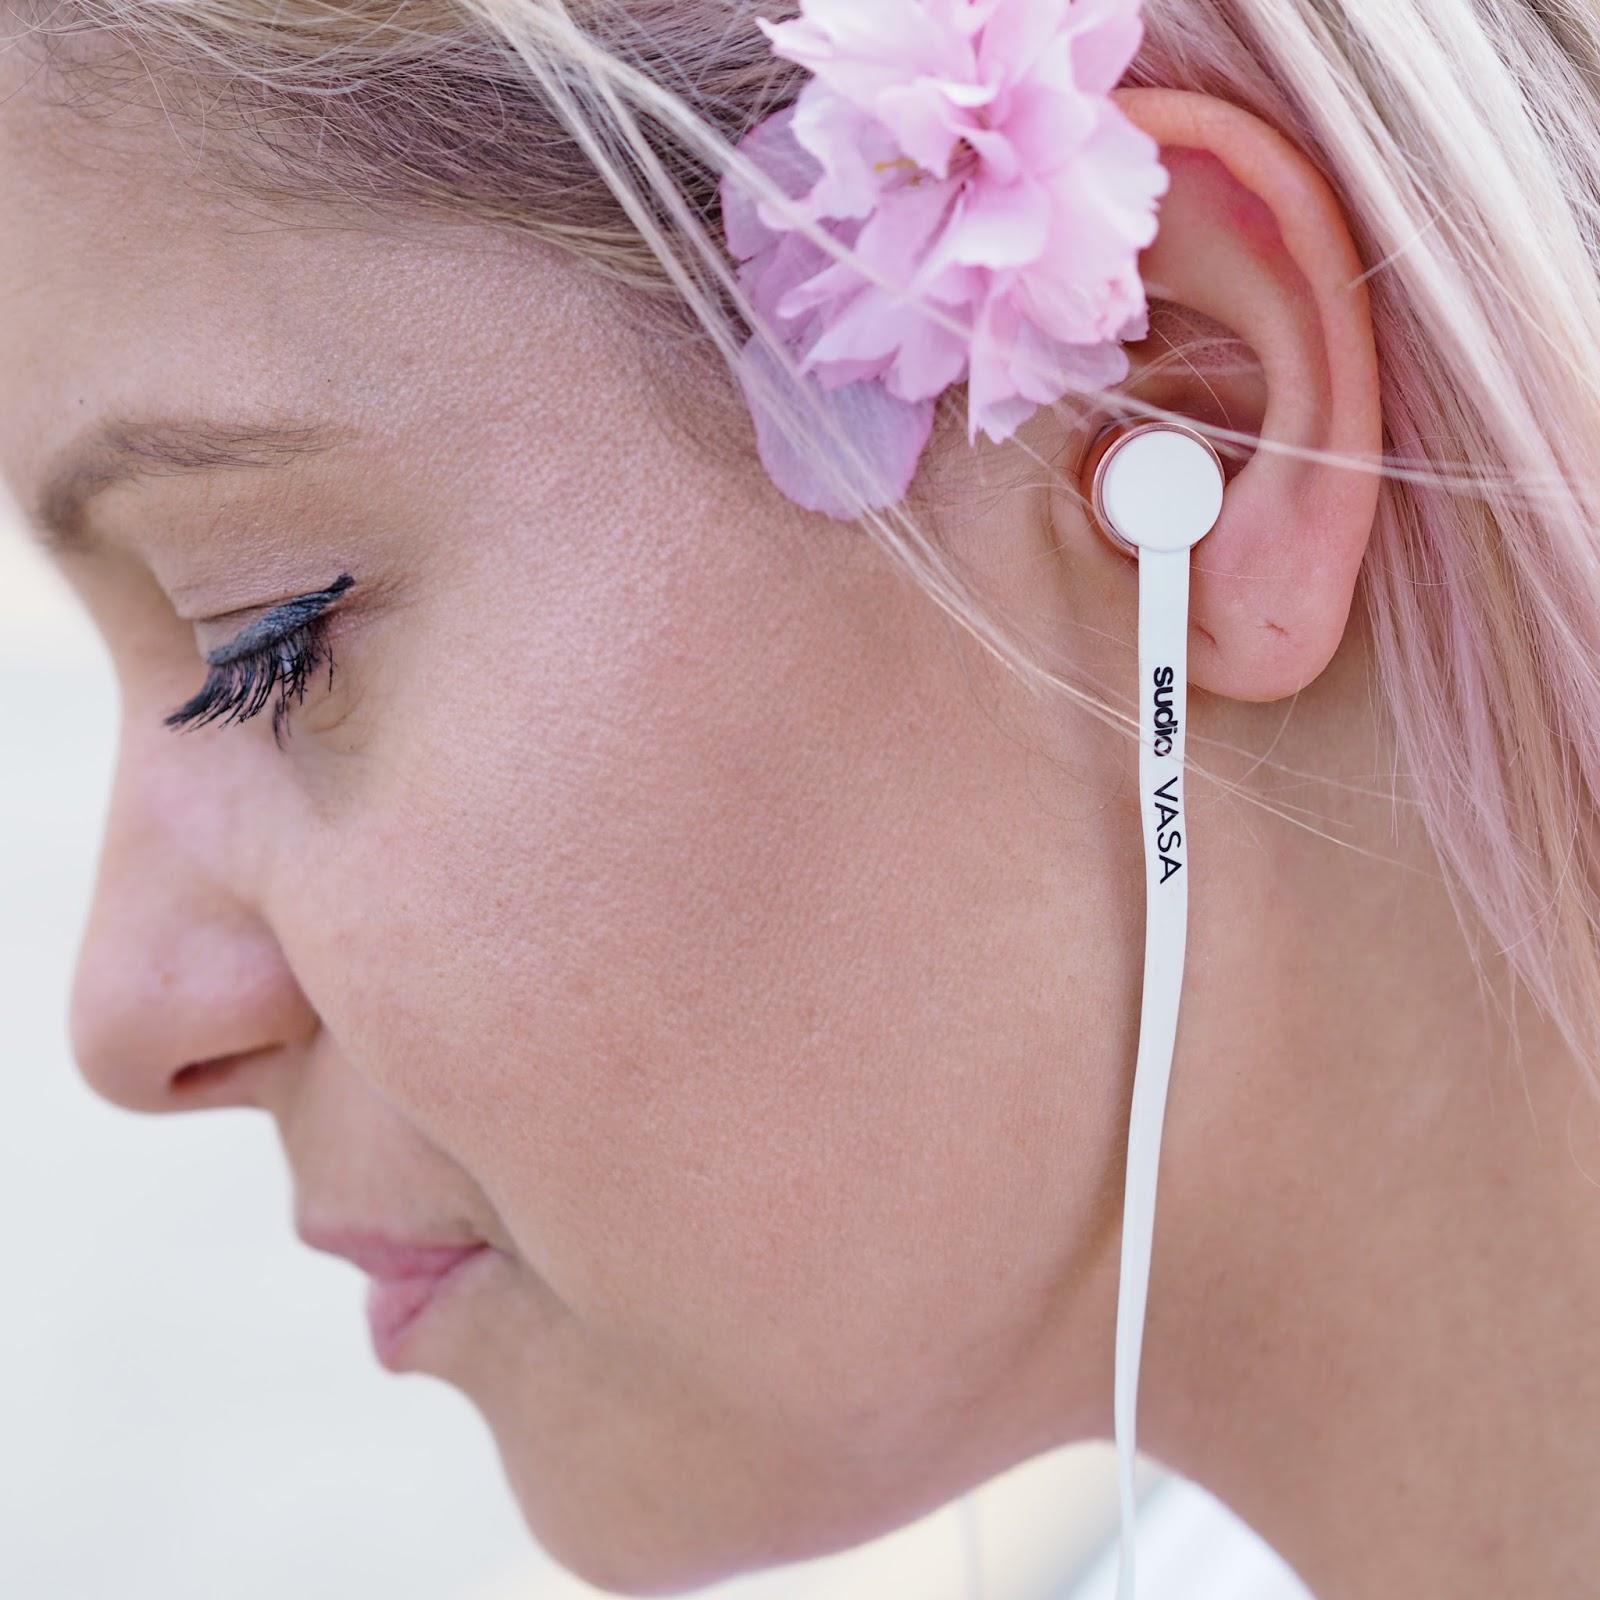 sudio sweden vasa bla earphones